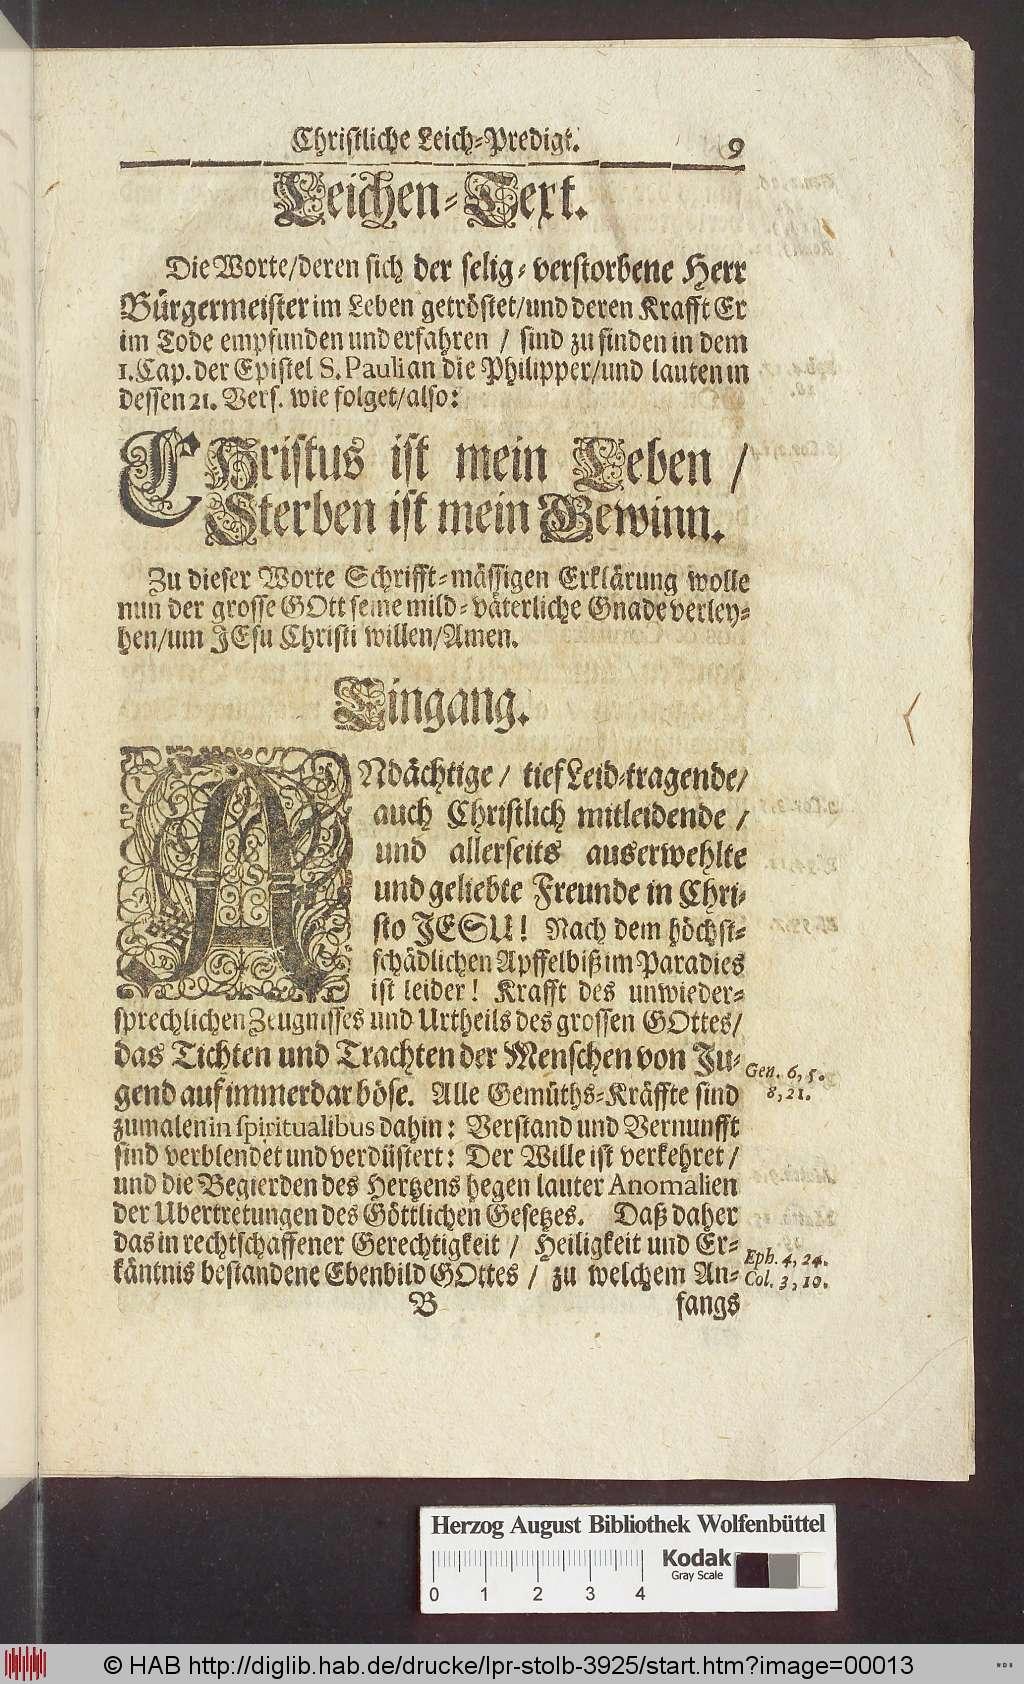 http://diglib.hab.de/drucke/lpr-stolb-3925/00013.jpg